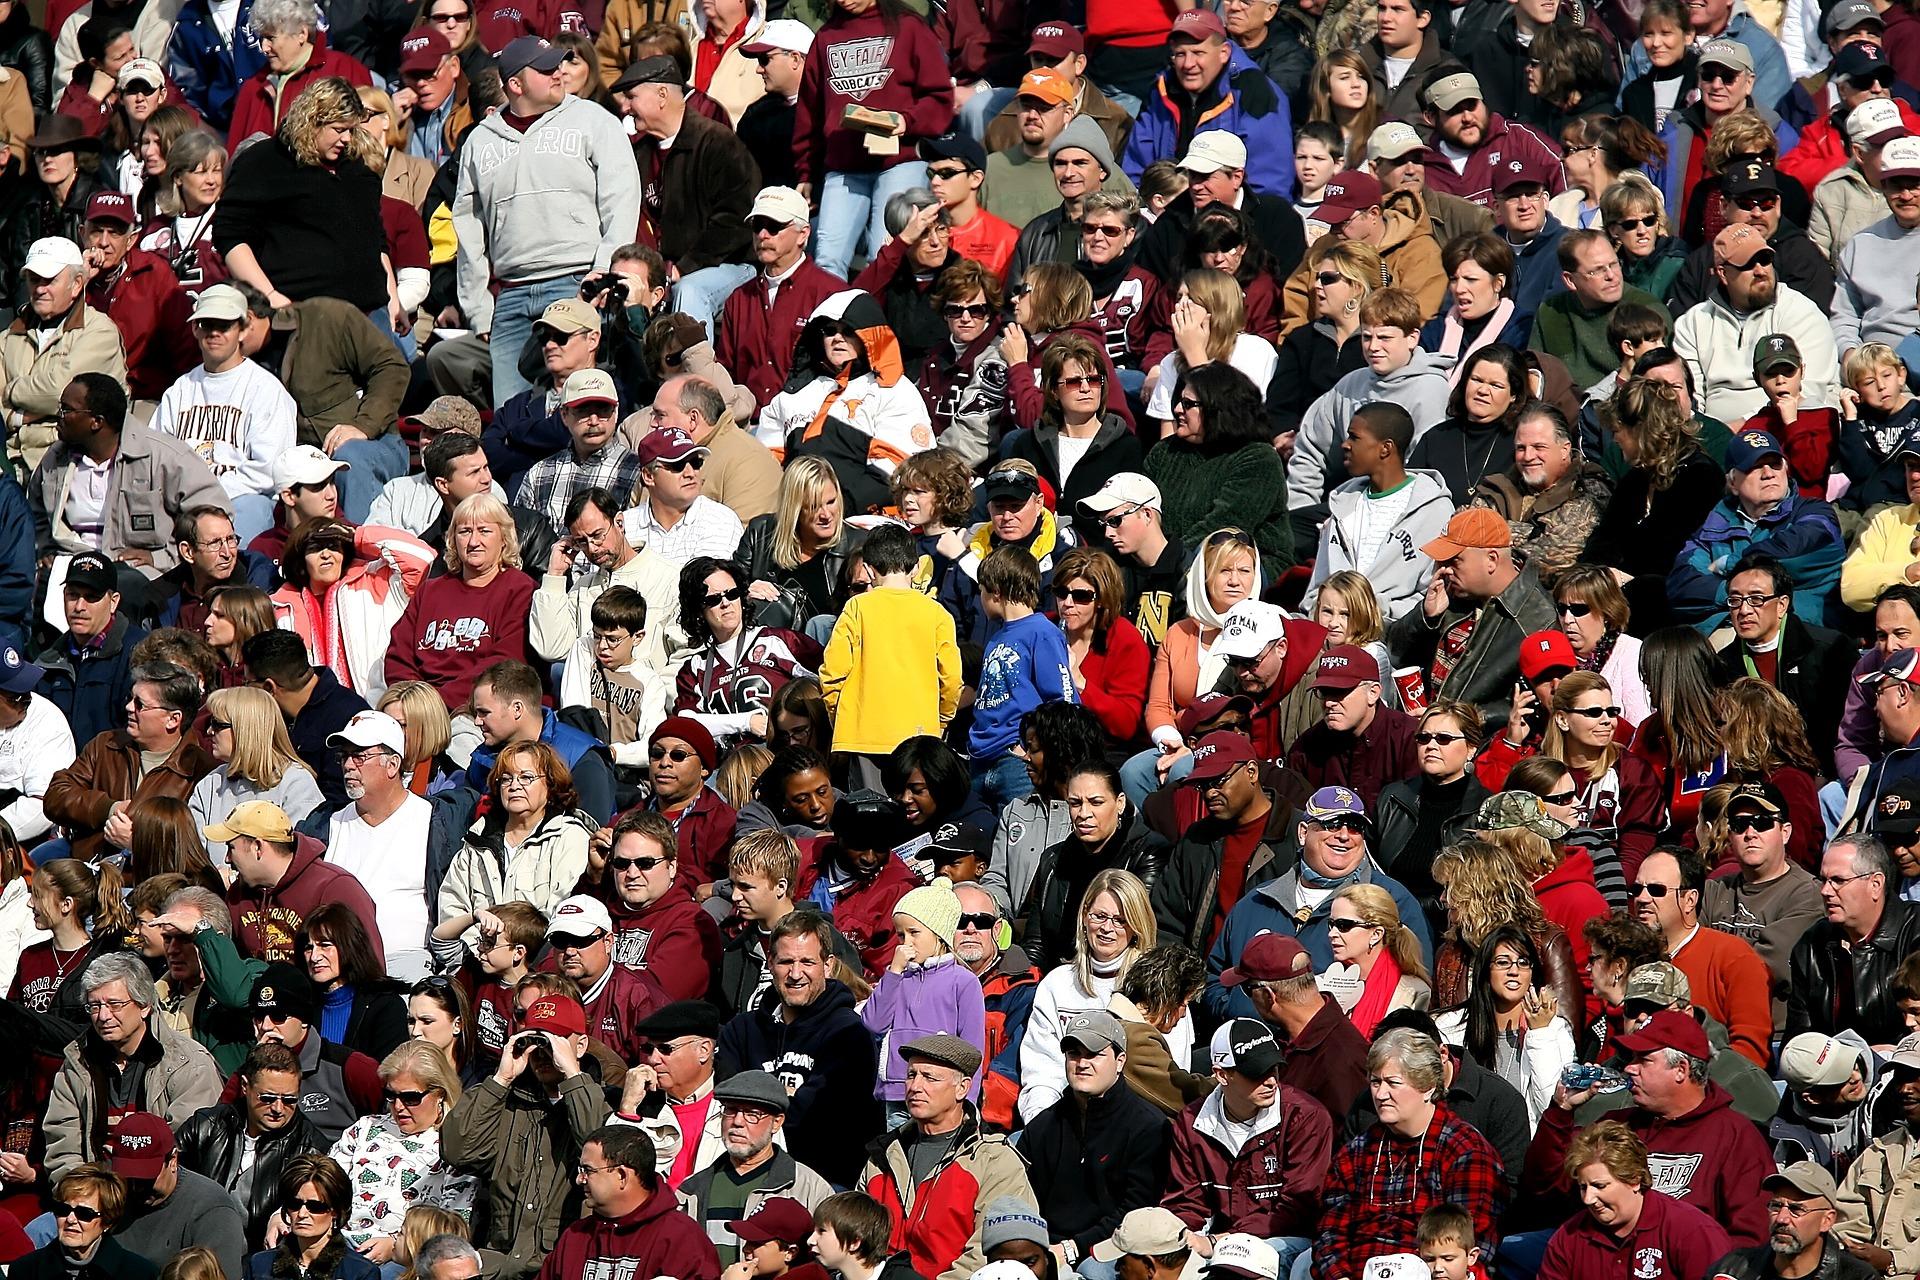 crowd-of-people-1488213_1920.jpg